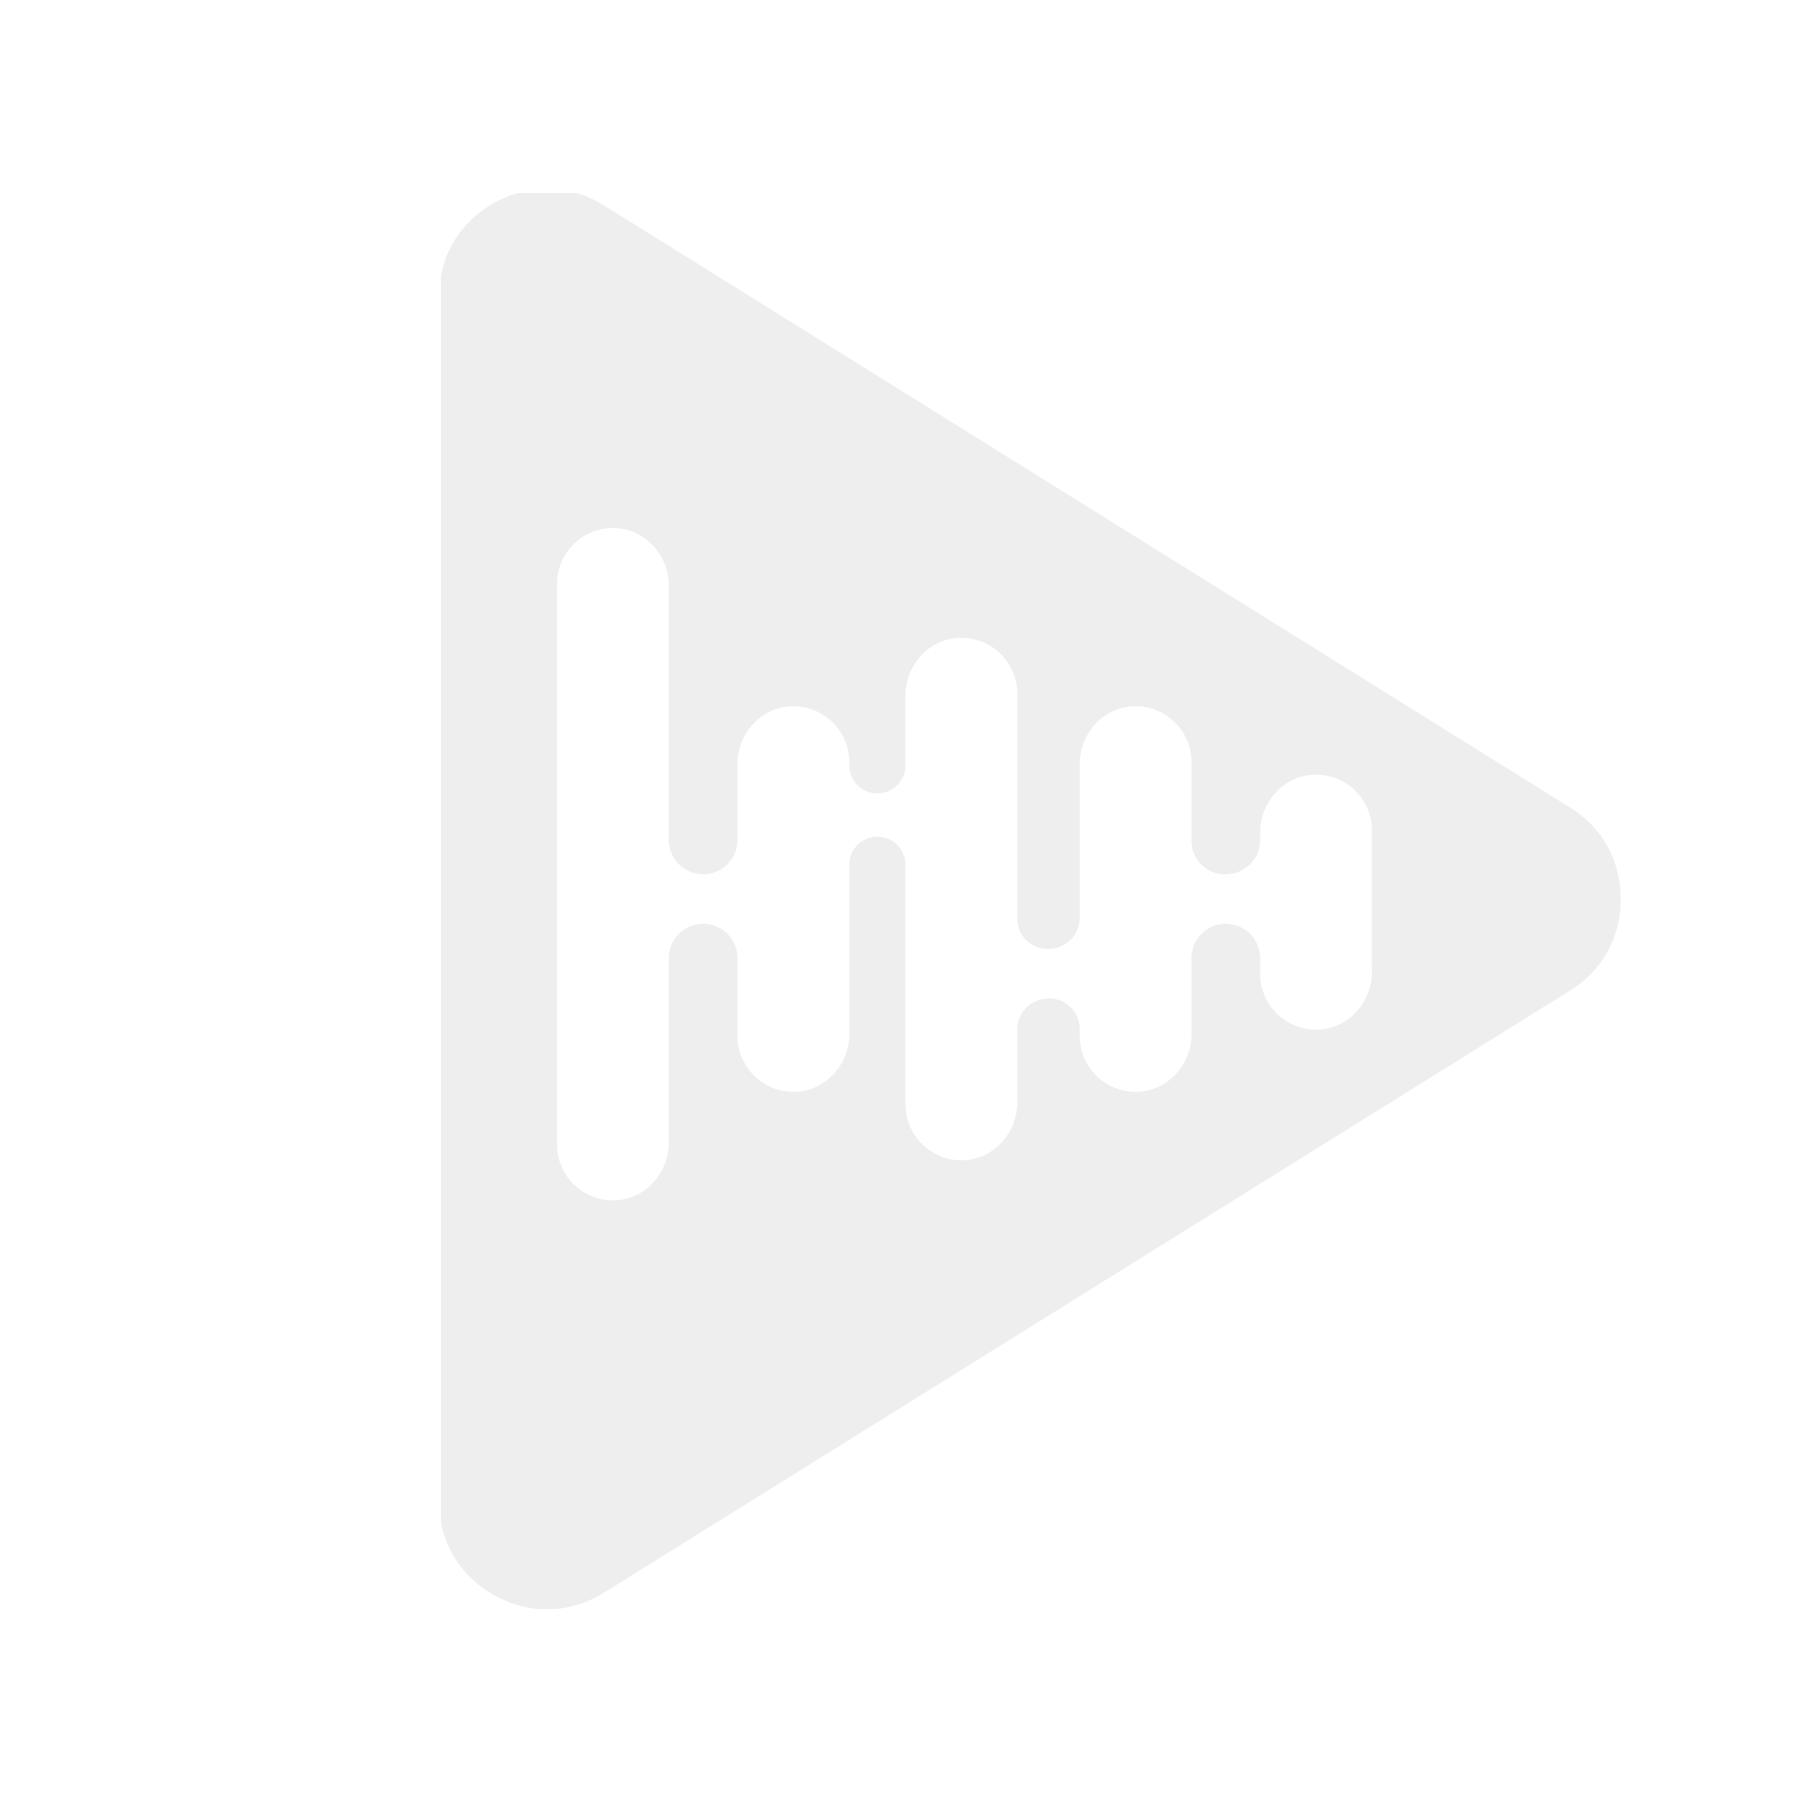 Audison AP T-H FRD01